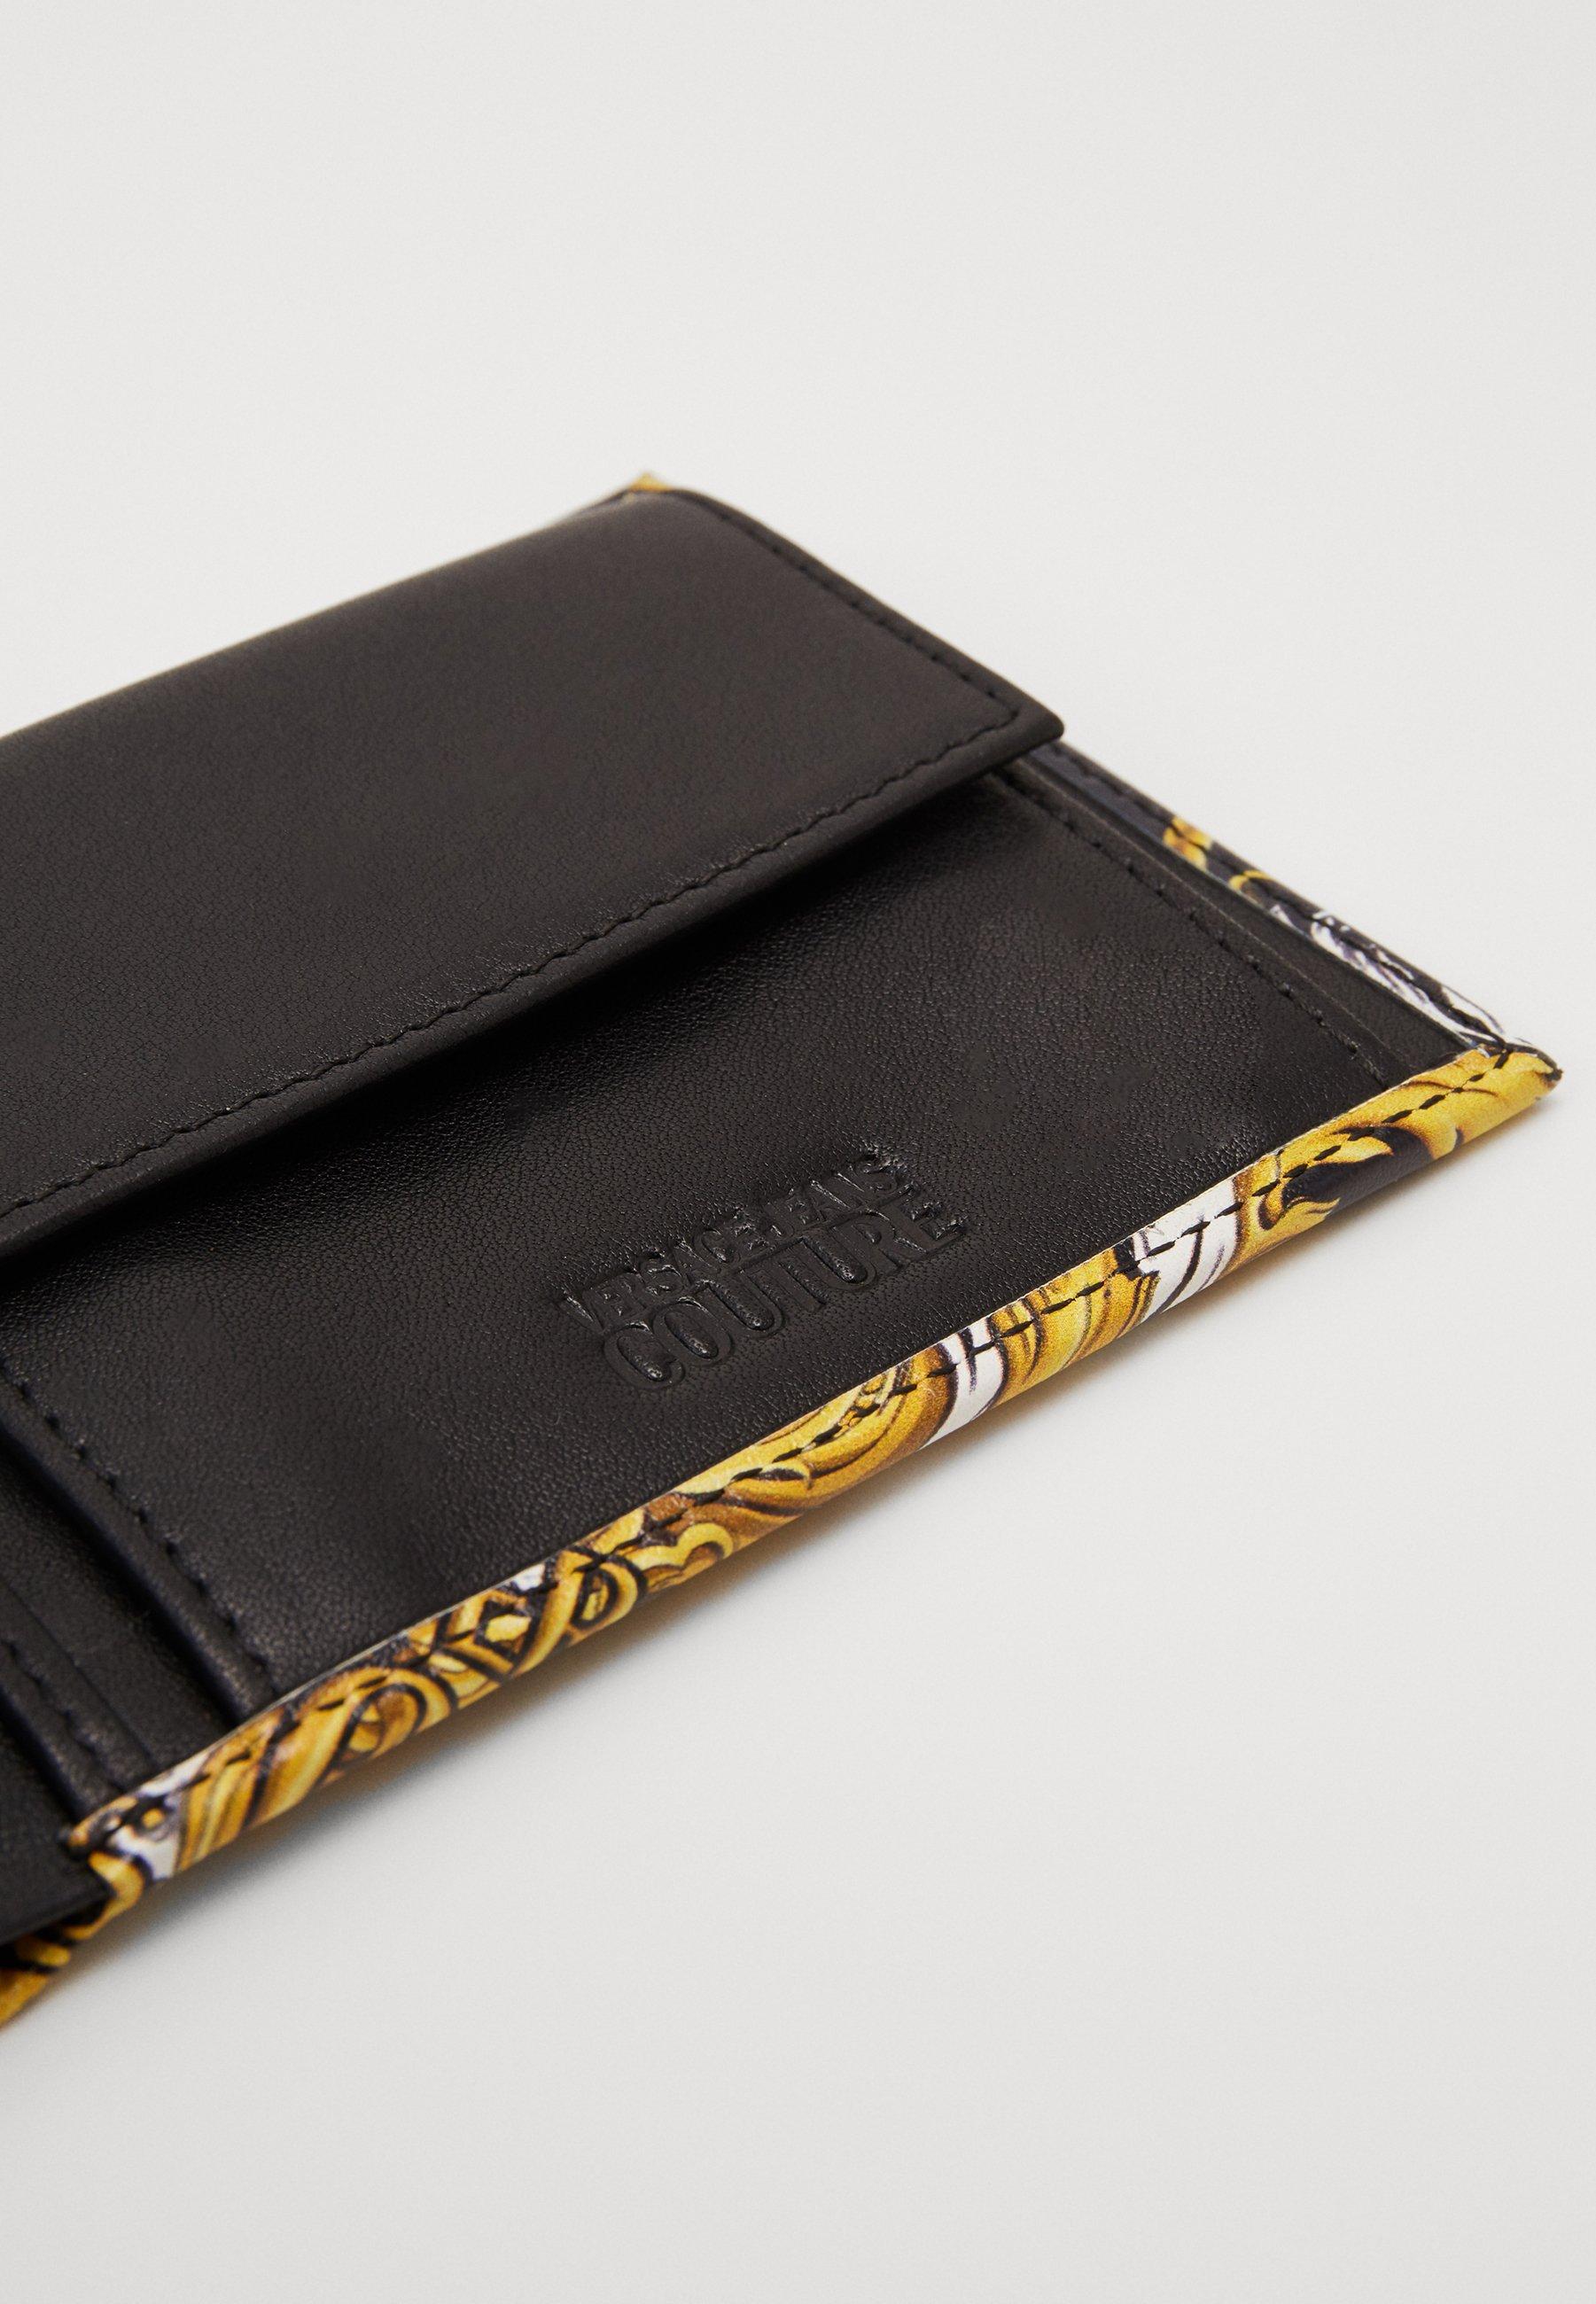 Versace Jeans Couture Pochette blackgold ZALANDO.FR